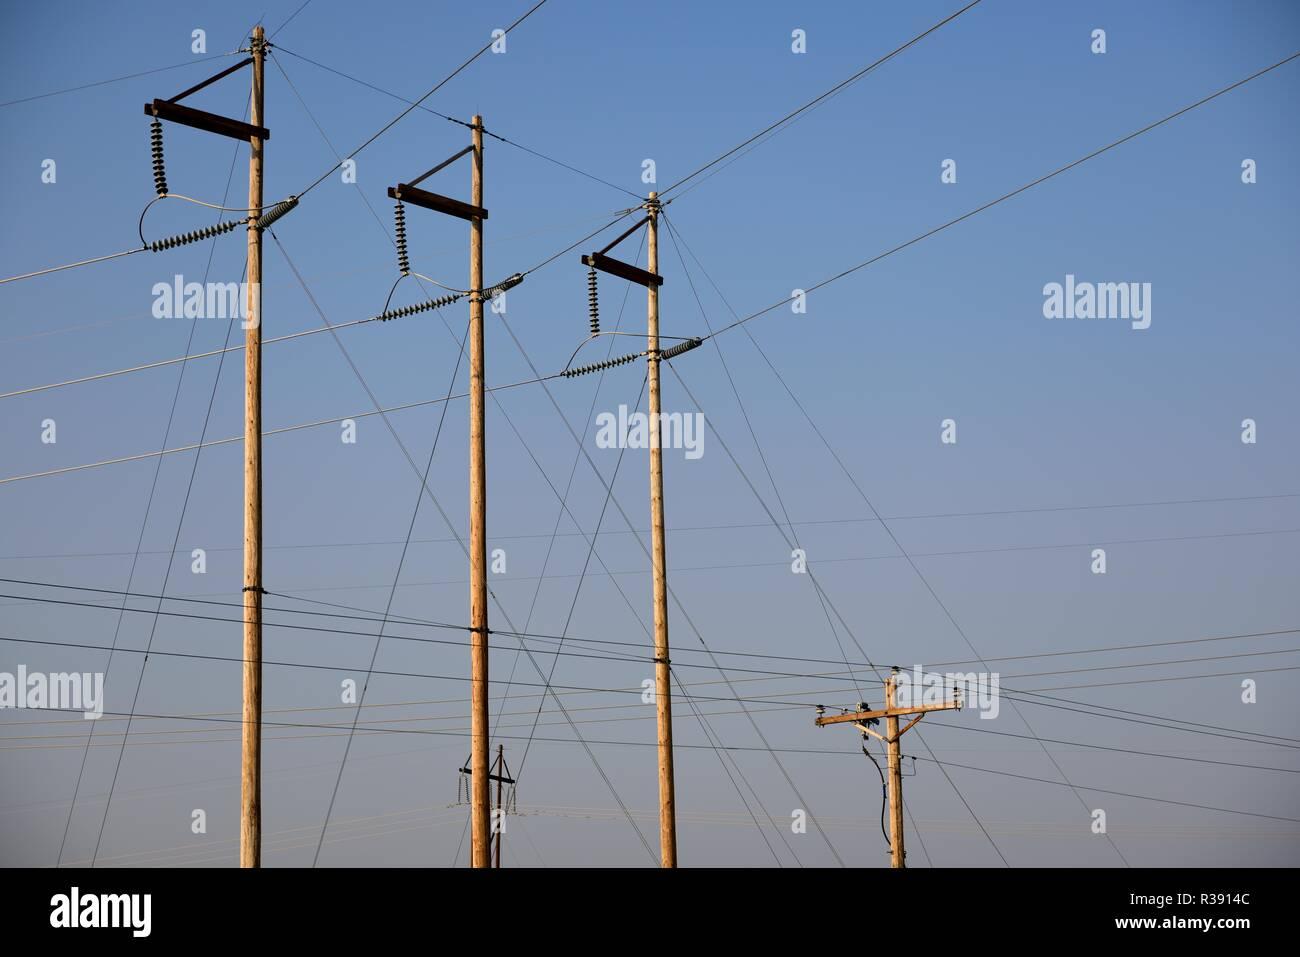 Elektrische Unterstation utility Pole und Overhead Hochspannungsnetzteil Linien in Wyoming, USA. Stockbild